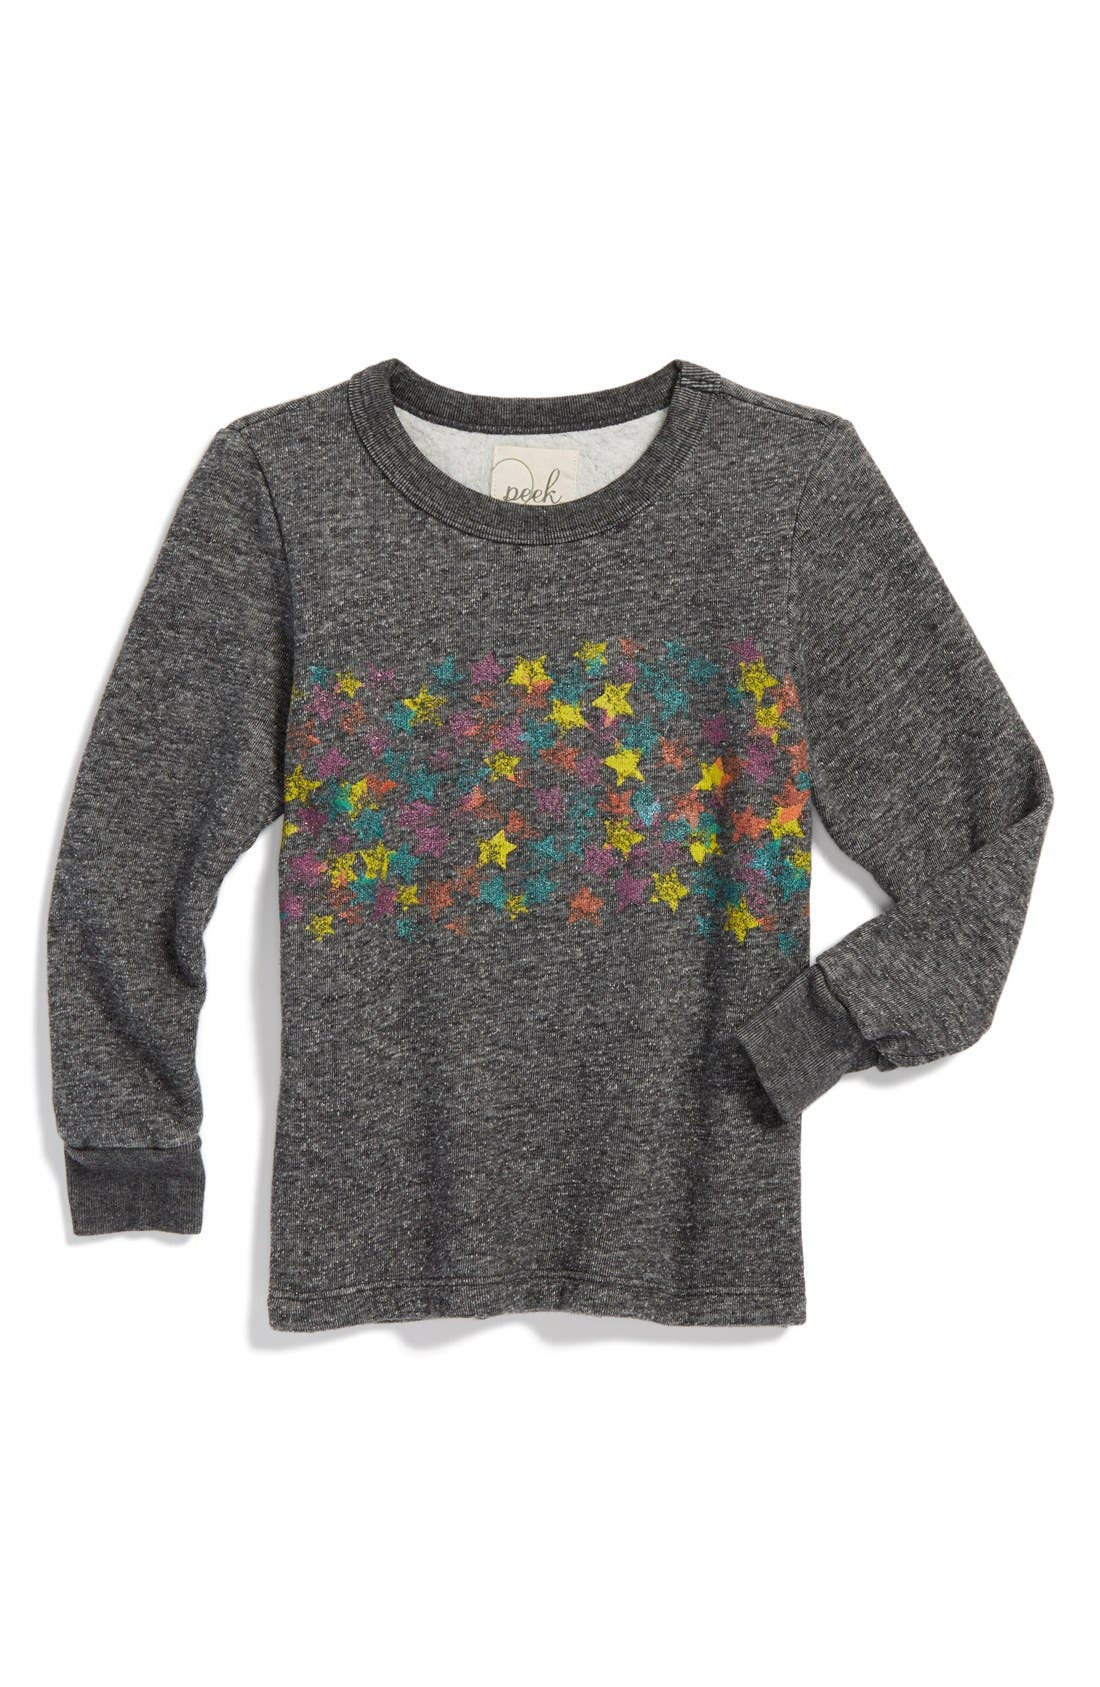 Alternate Image 1 Selected - Peek 'Star' Sweatshirt (Toddler Girls, Little Girls & Big Girls)